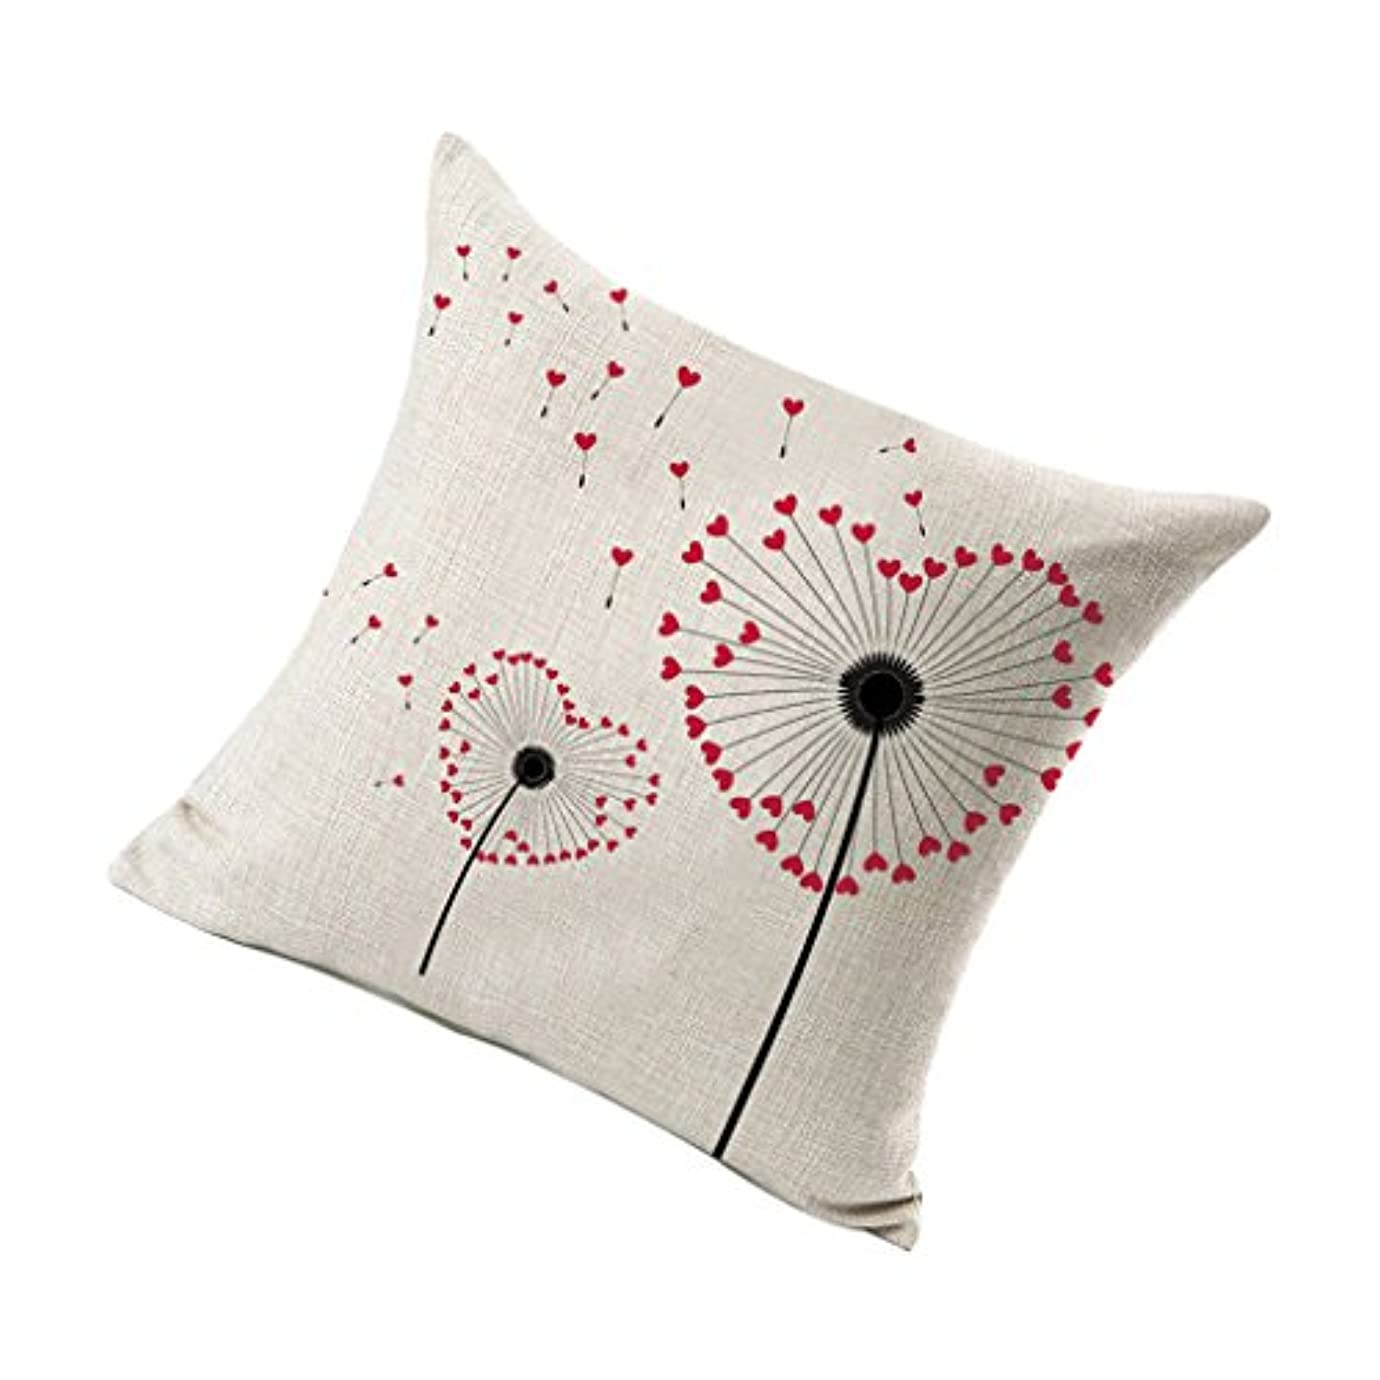 のみ禁じるヘクタールクッションカスタムタンポポモデルカーホームソファオフィス装飾用枕カバーカバーカバーケース - 赤いハート形のタンポポ